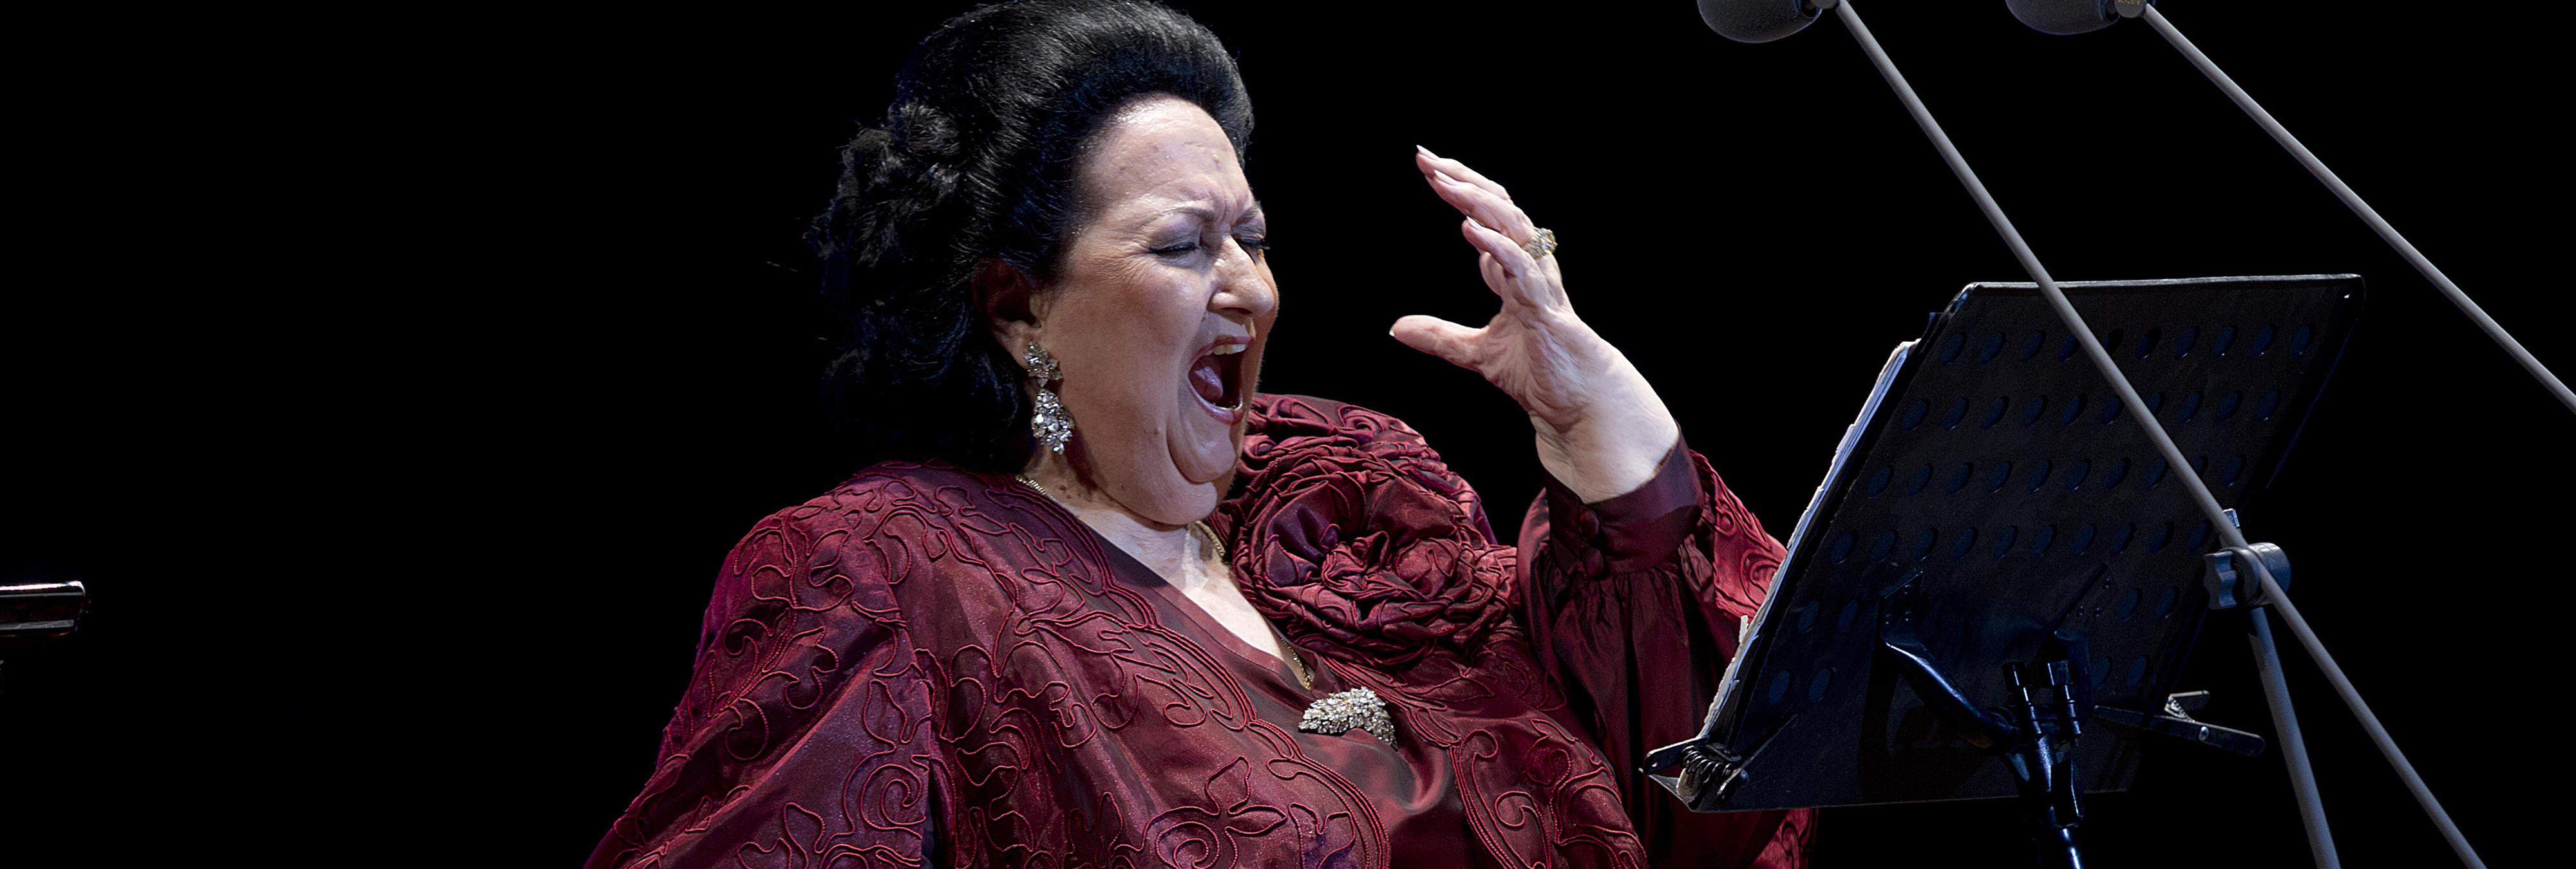 Montserrat Caballé es condenada a prisión tras confesar su fraude a Hacienda